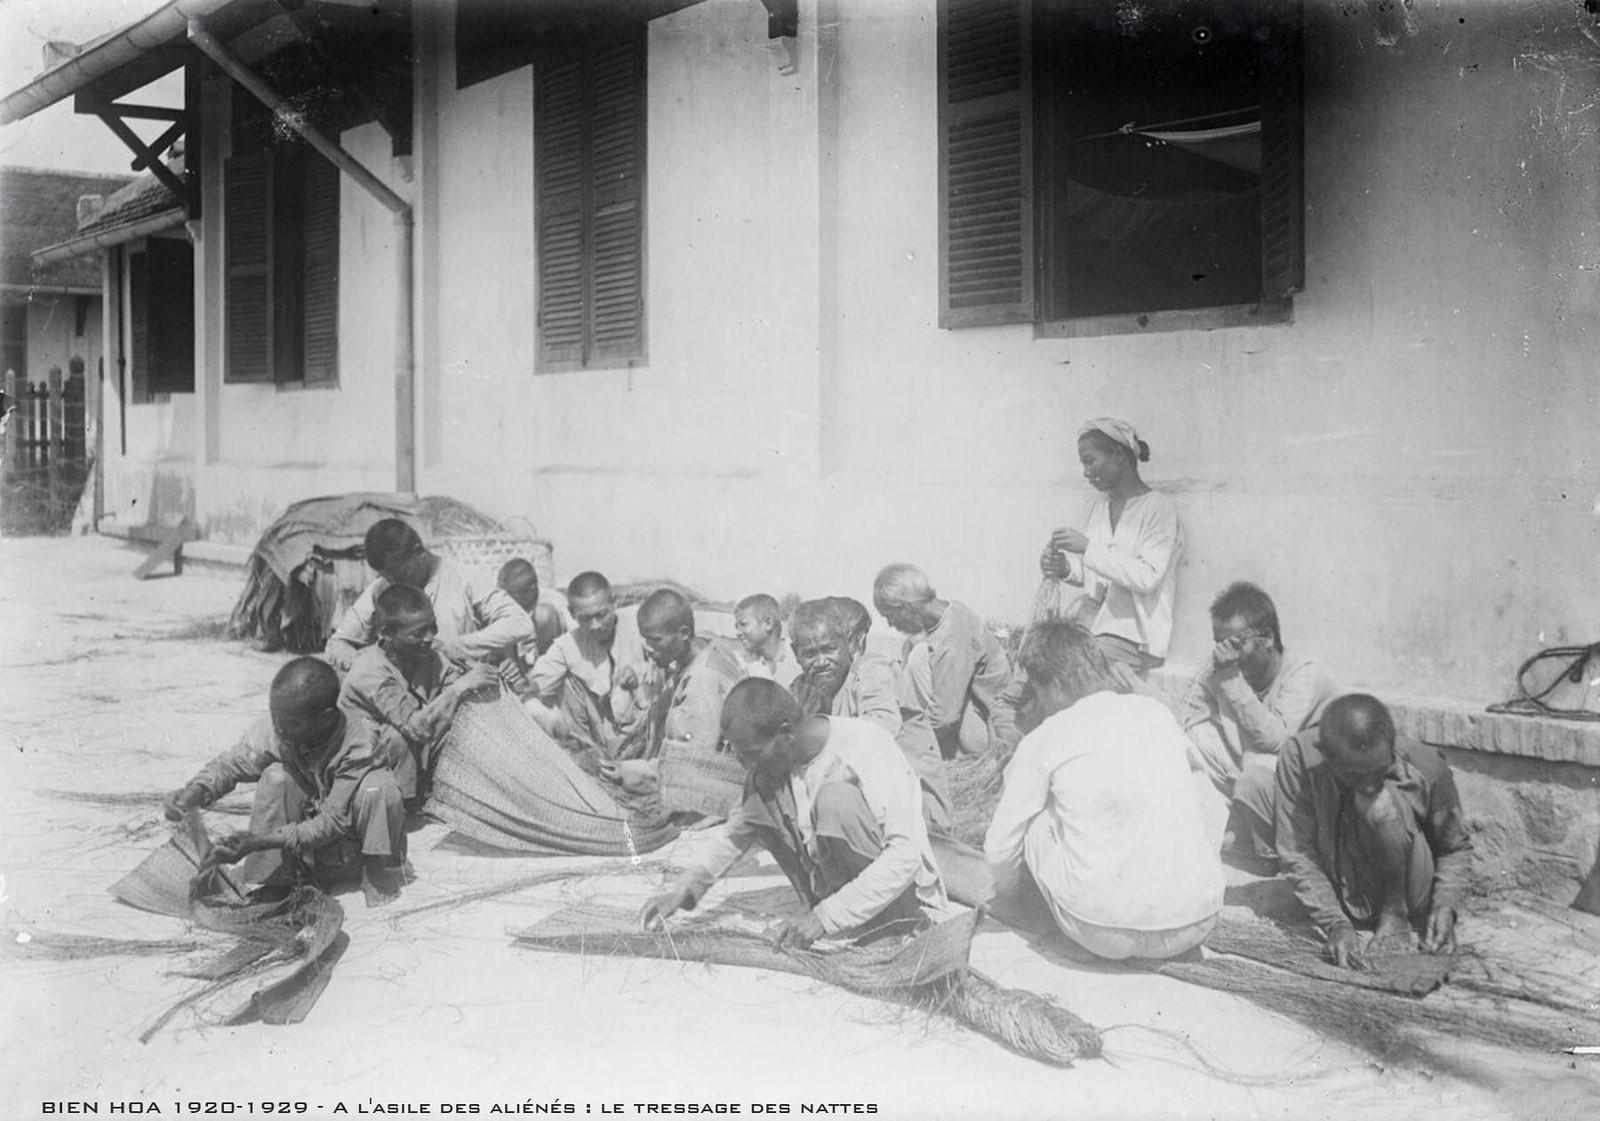 Hình độc về nhà thương điên Biên Hòa thập niên 1920